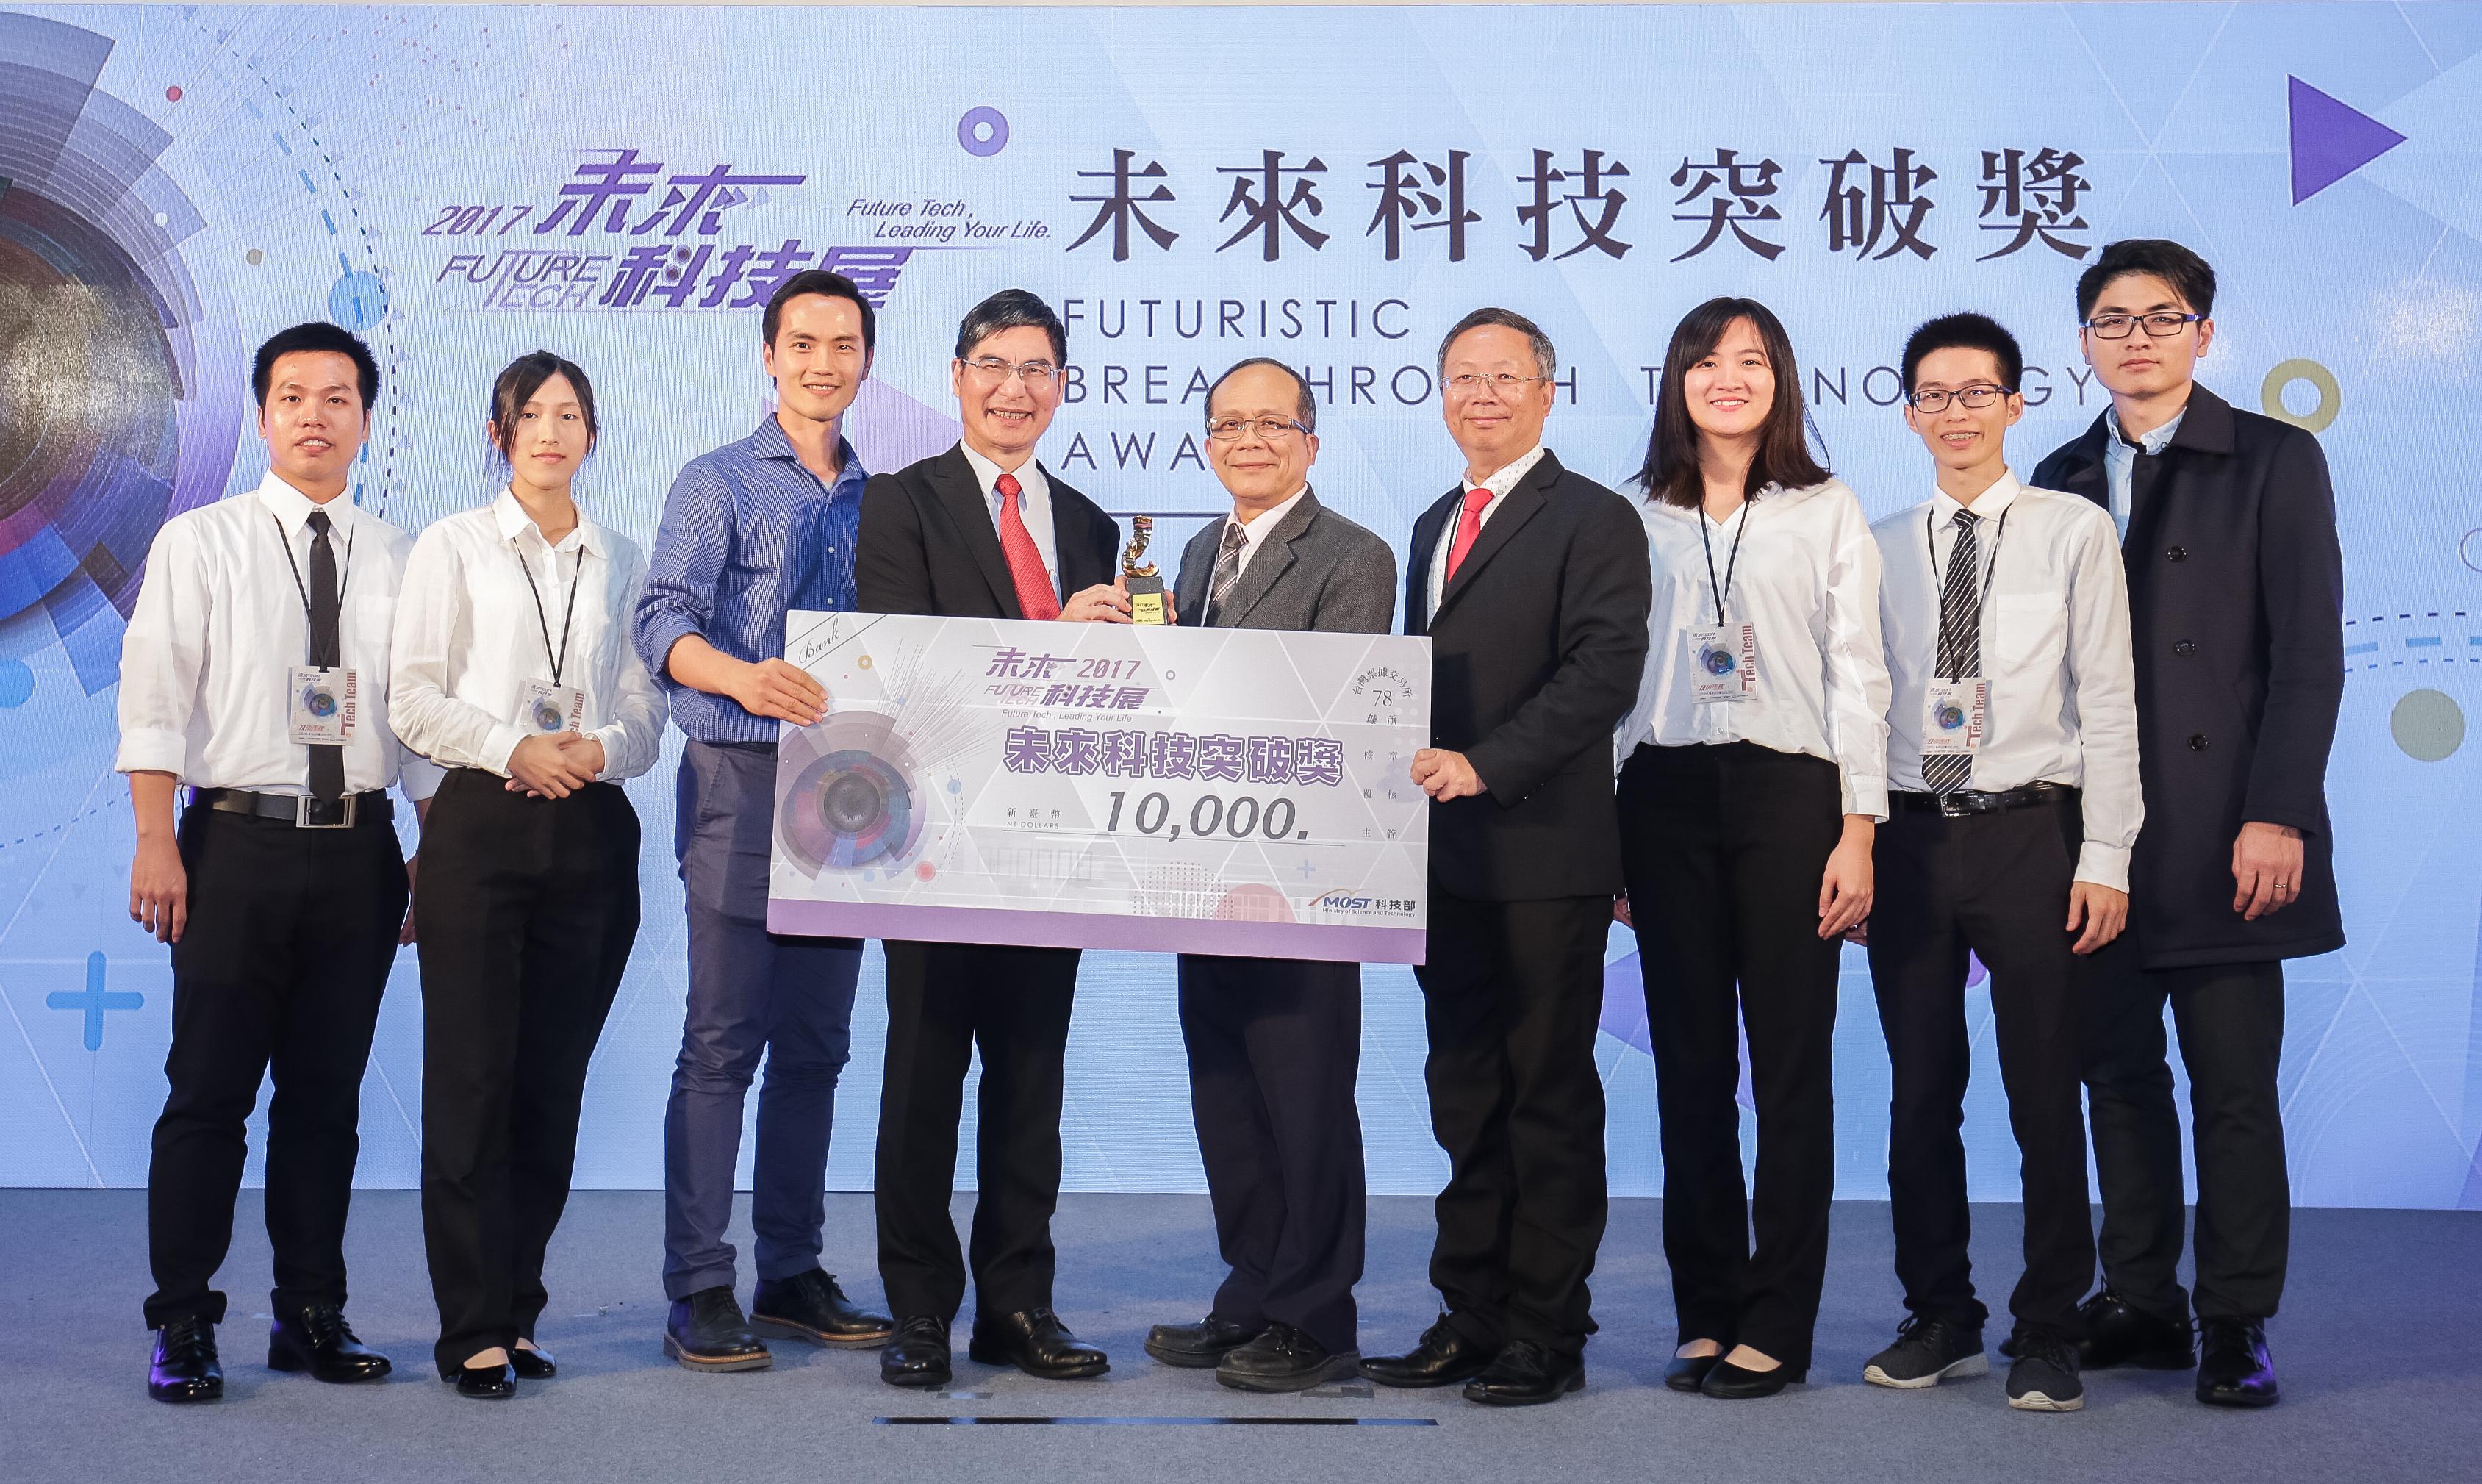 團隊榮獲科技部未來科技突破獎,並與陳良基部長合照